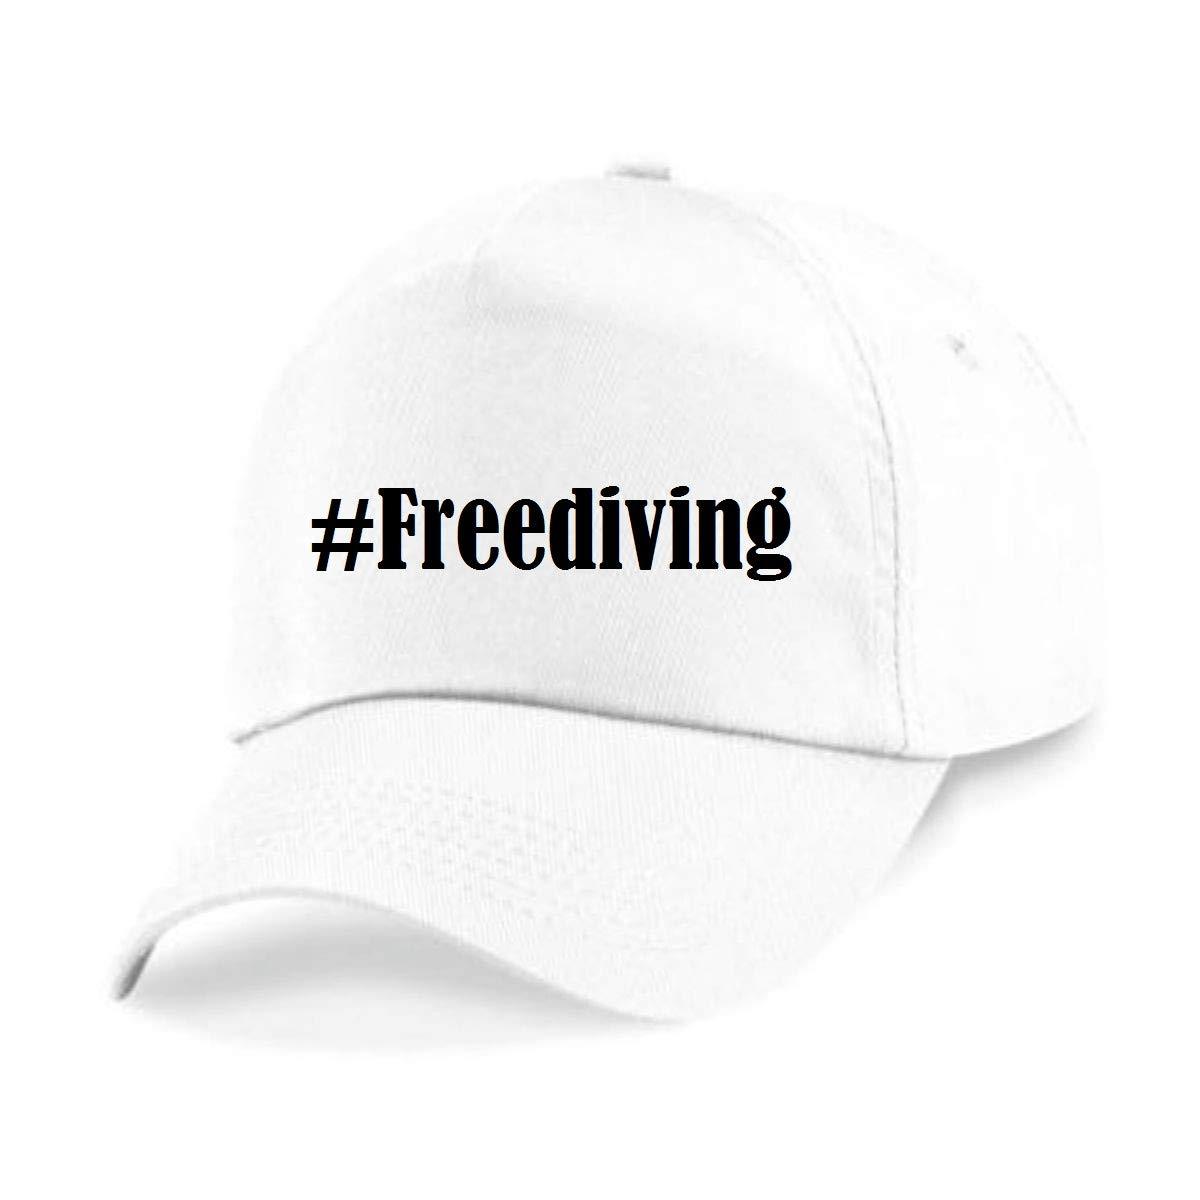 Casquettes de Baseball #Freediving Hashtag Diamant Social Network Basecap pour Les Hommes Femmes Gar/çon /& Fille en Noir